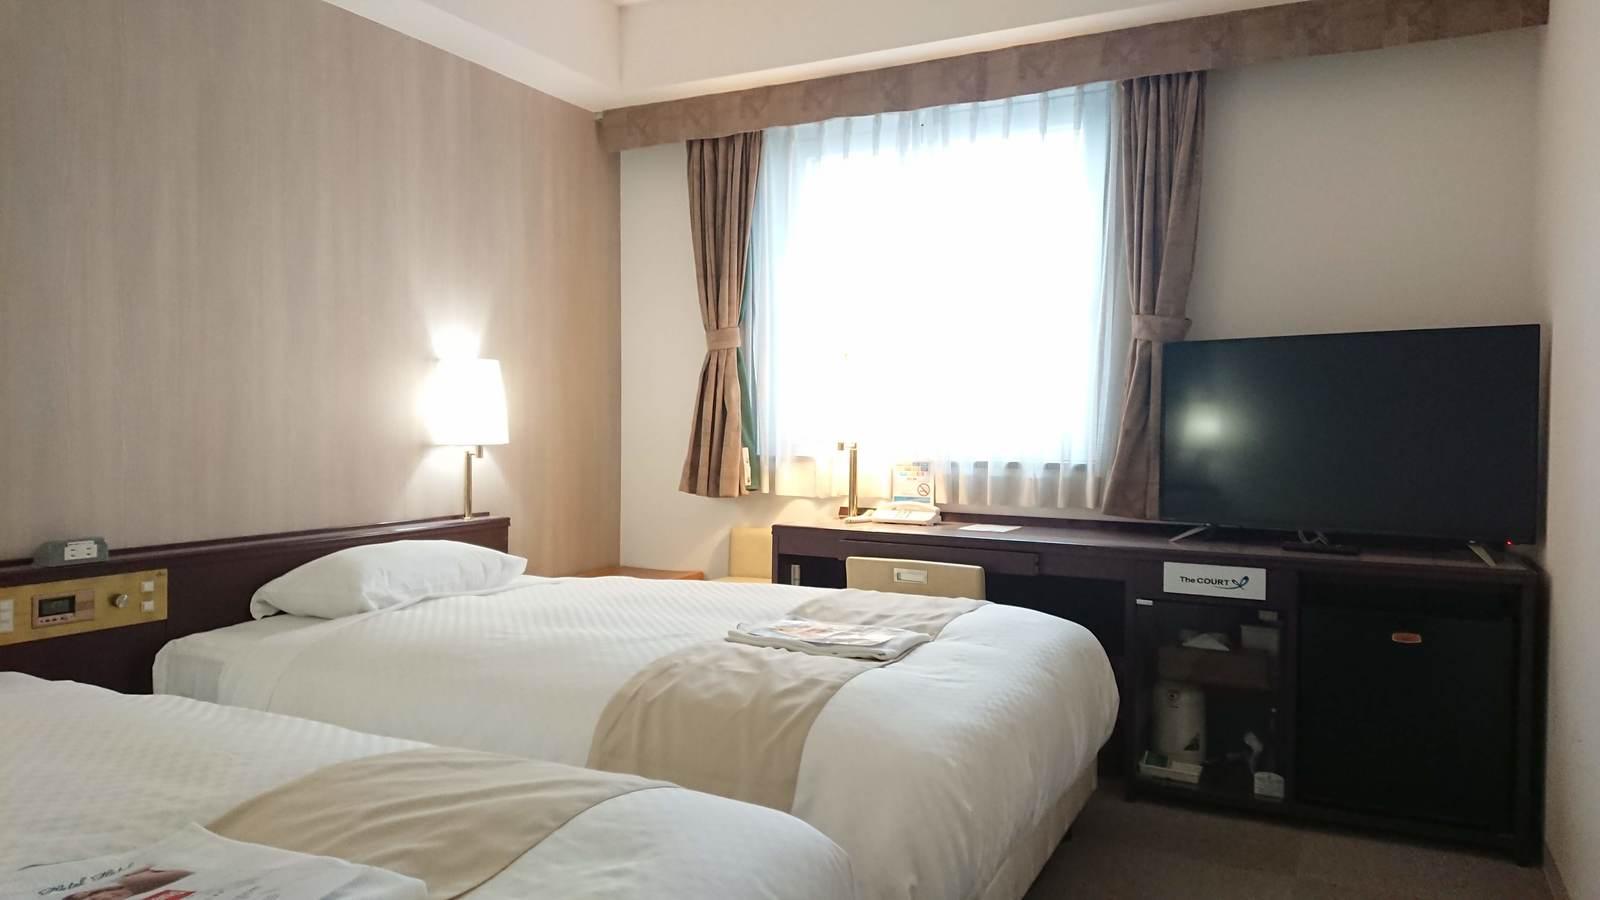 コートホテル旭川 禁煙 ツインベッドルーム